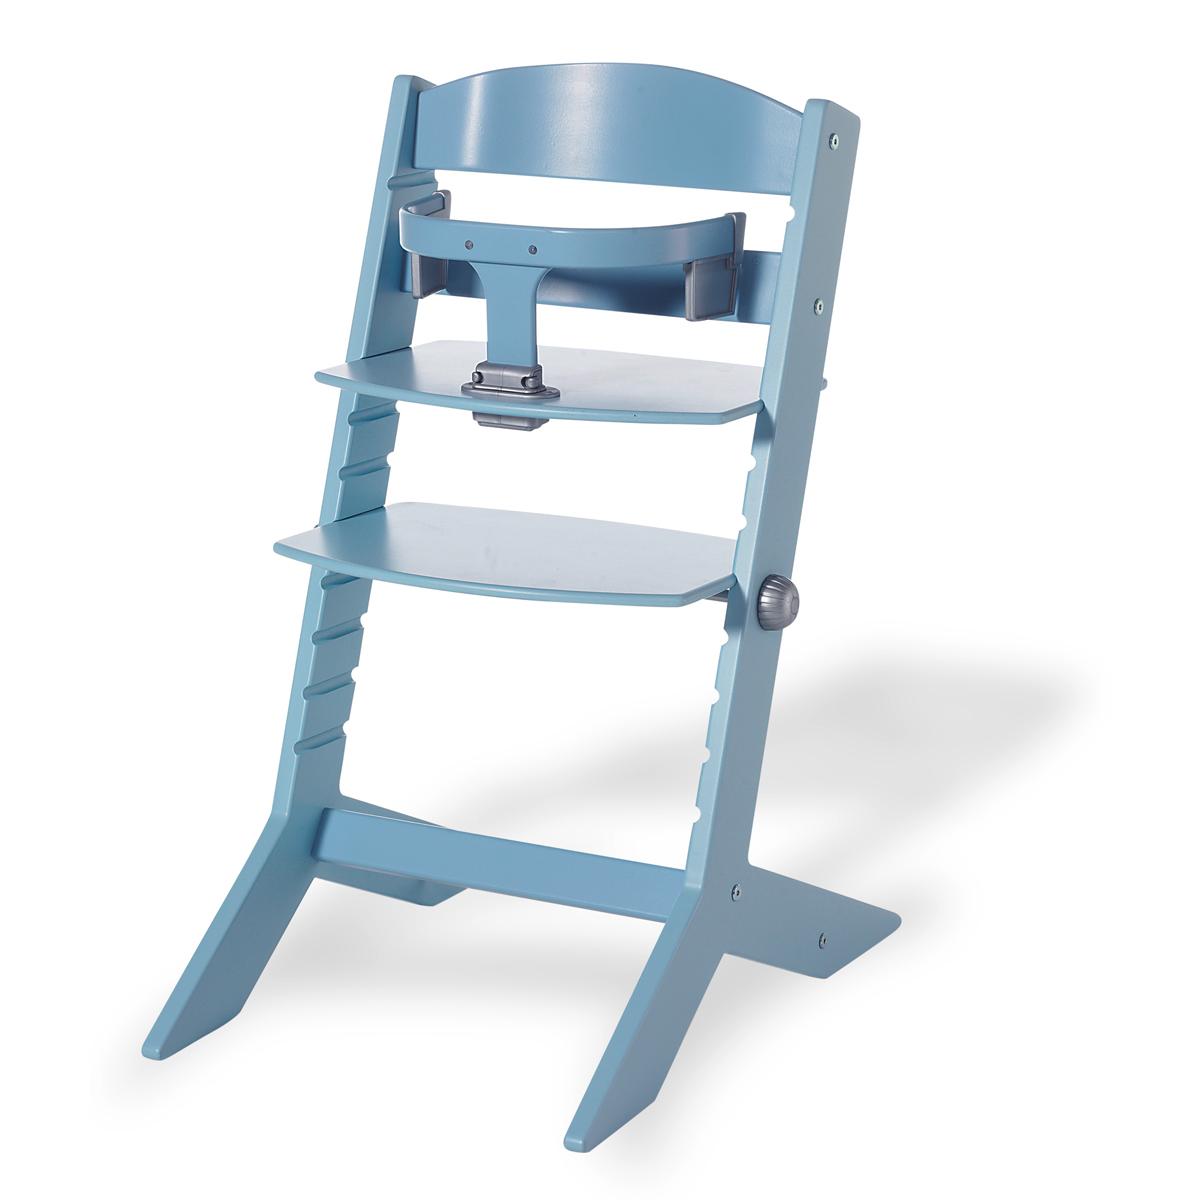 geuther chaise haute syt evolutive bleu chaise haute geuther sur l 39 armoire de b b. Black Bedroom Furniture Sets. Home Design Ideas